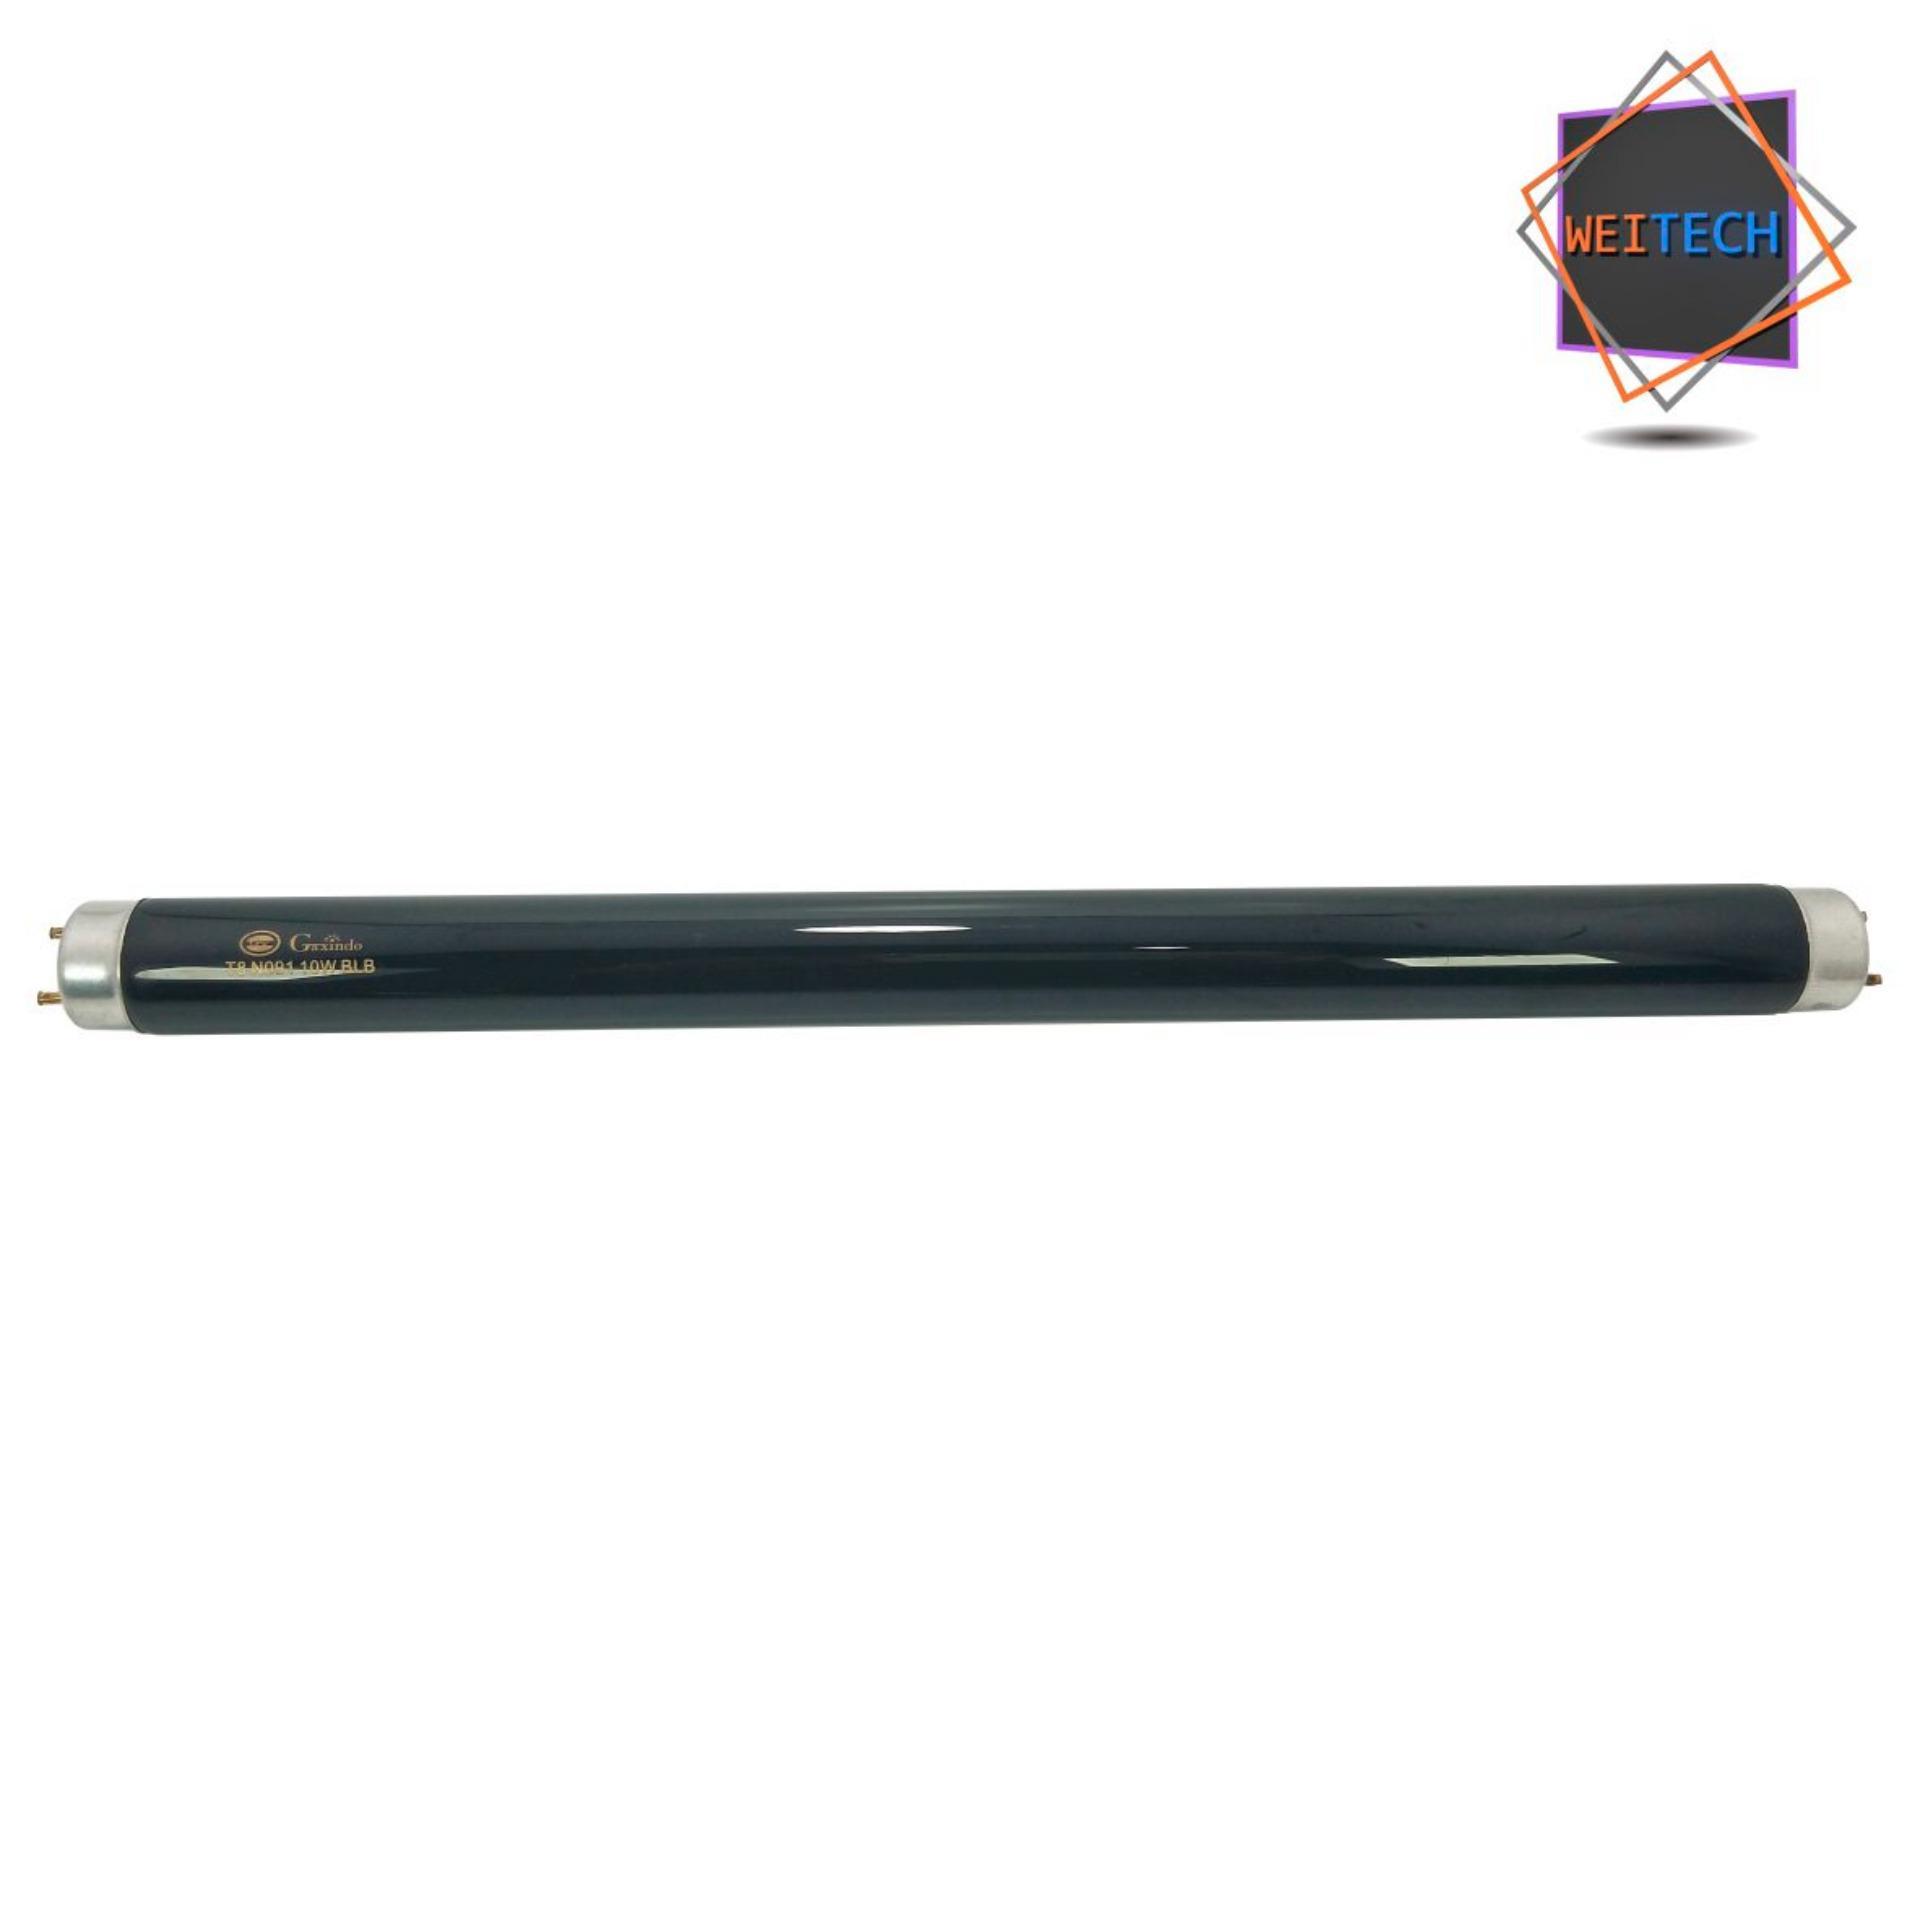 WEITECH LAMPU UV /LAMPU NEON PENDETEKSI UANG GX091 T8-10W